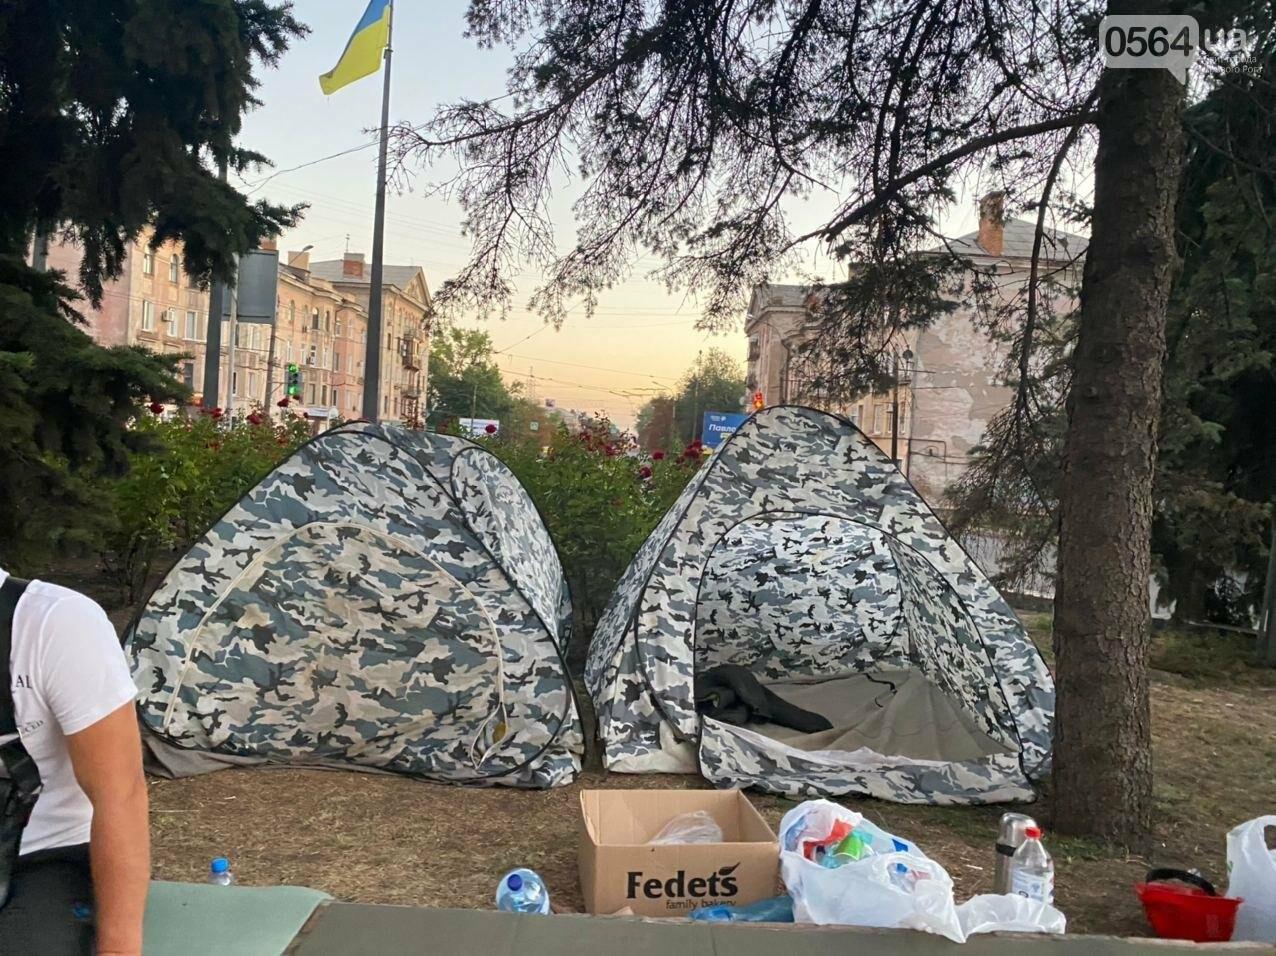 В поддержку горняков, которые бастуют под землей, криворожане разбили палаточный городок под админзданием КЖРК, - ФОТО, ВИДЕО , фото-3